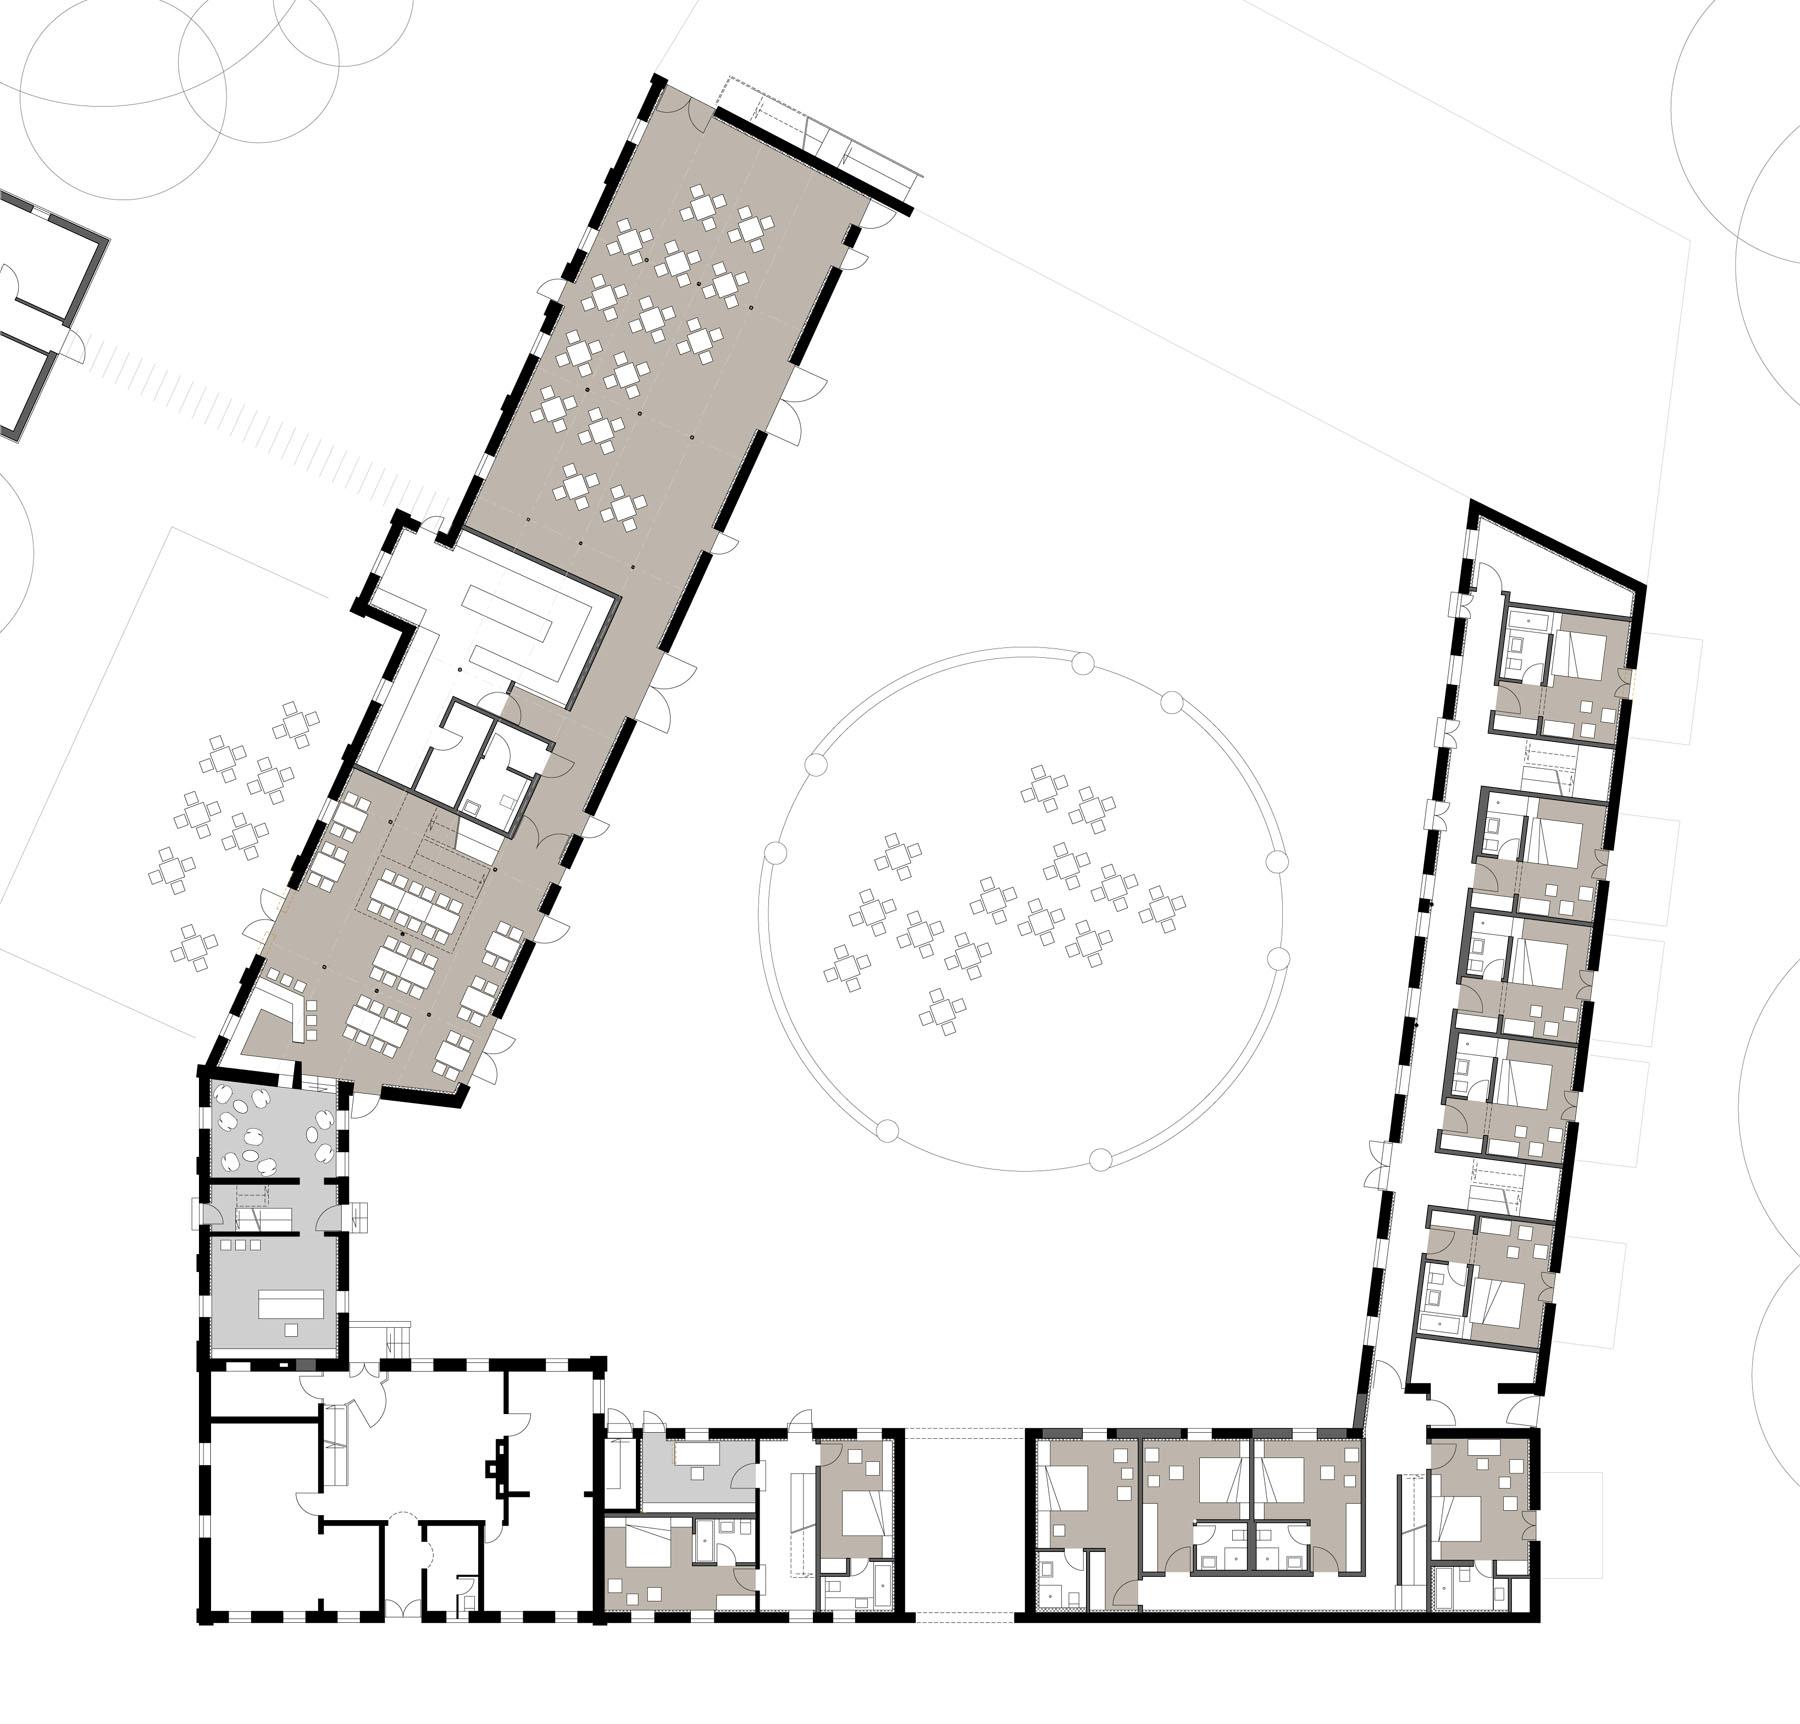 Grundriss Hotelfoyer : Hotel gut hohenholz fichtner gruber architekten